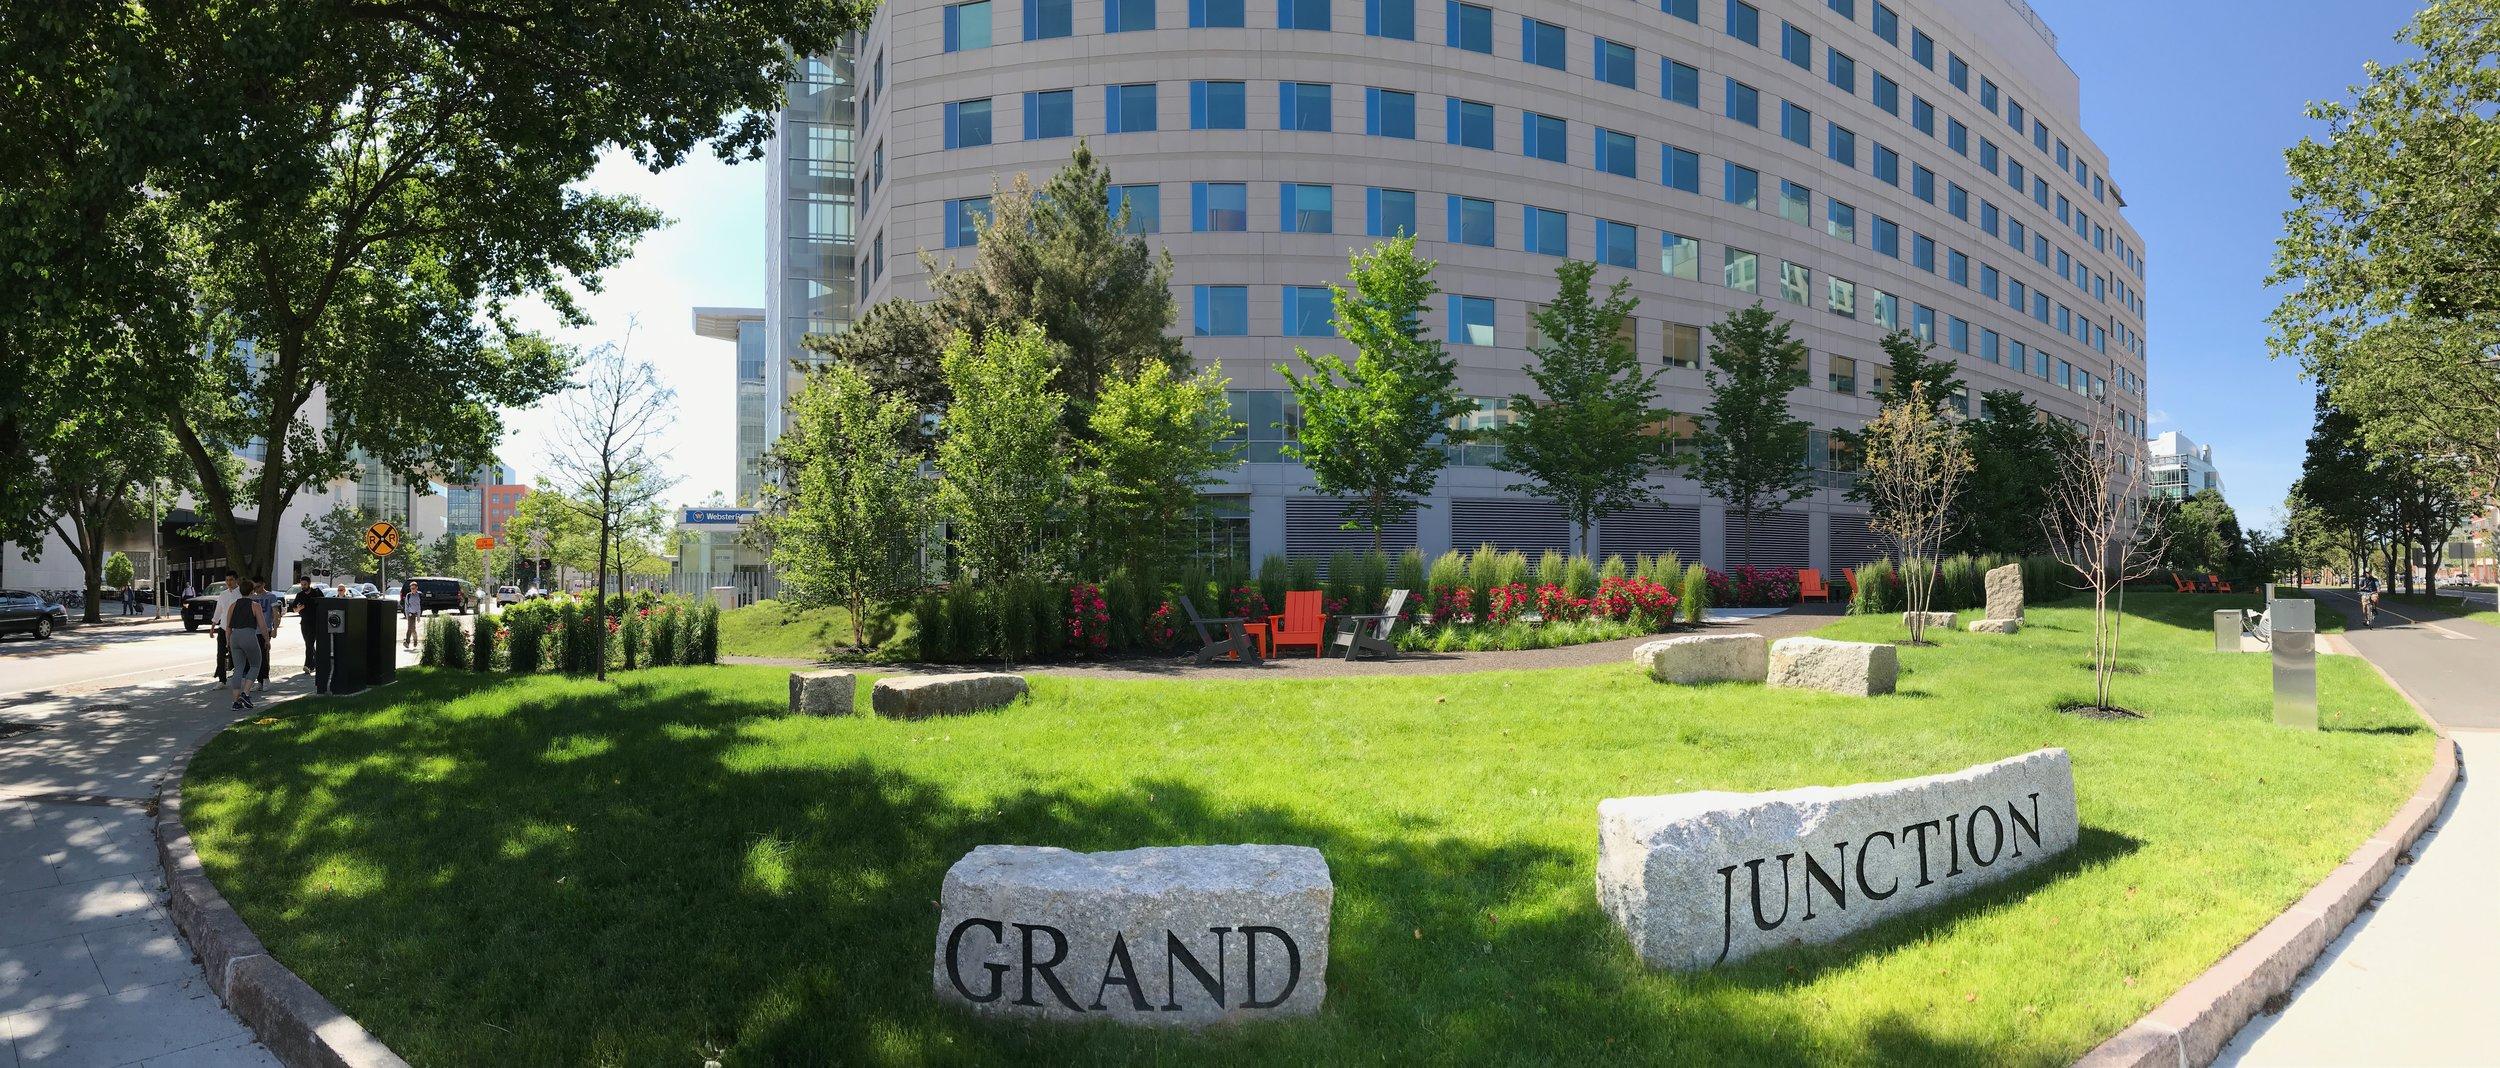 Grand Junction Park